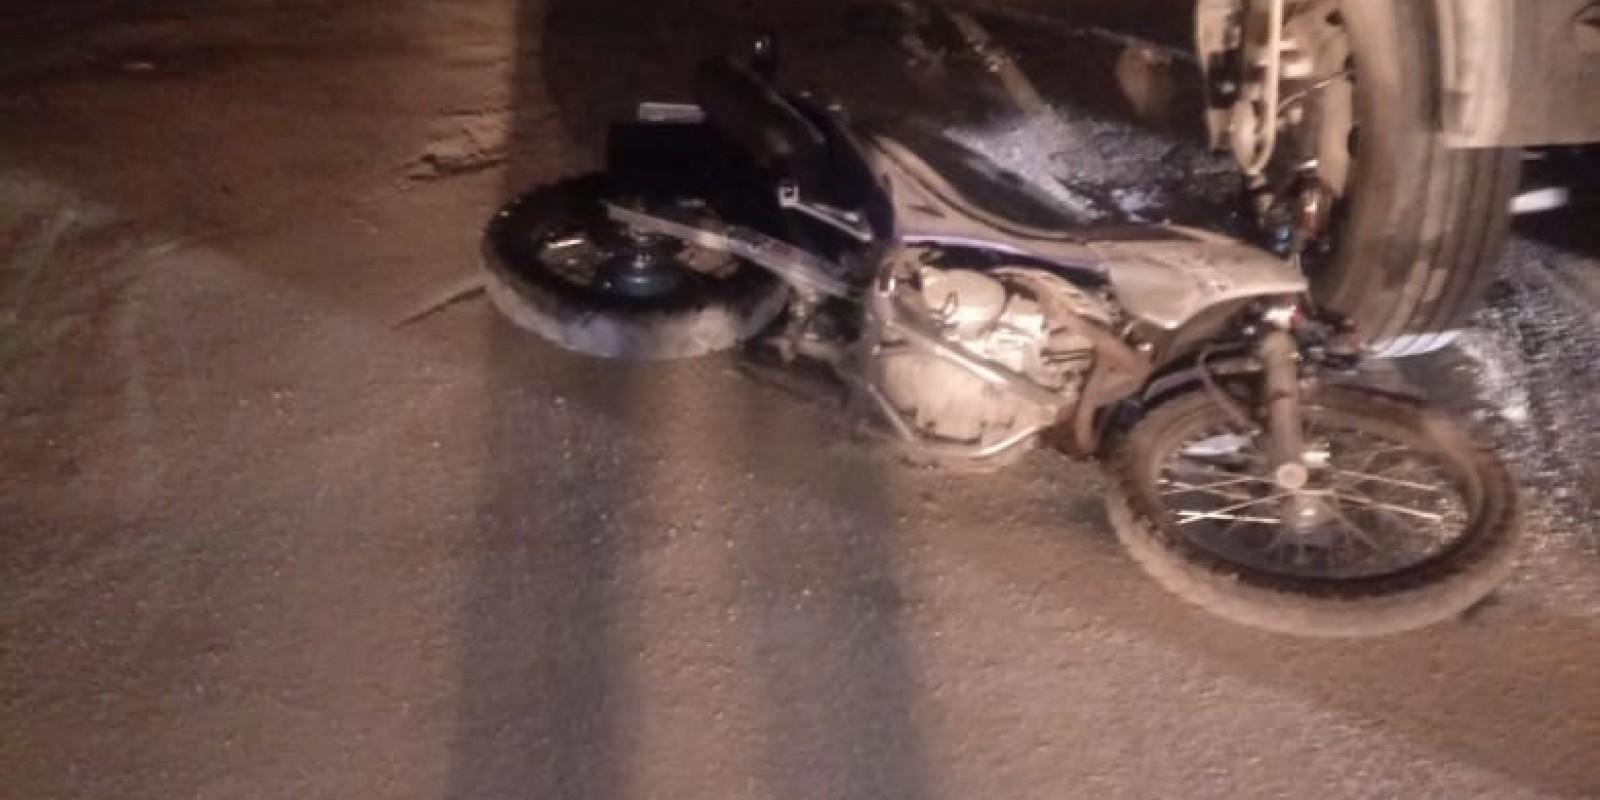 Motociclista de 19 anos morre em acidente, em Lauro Müller